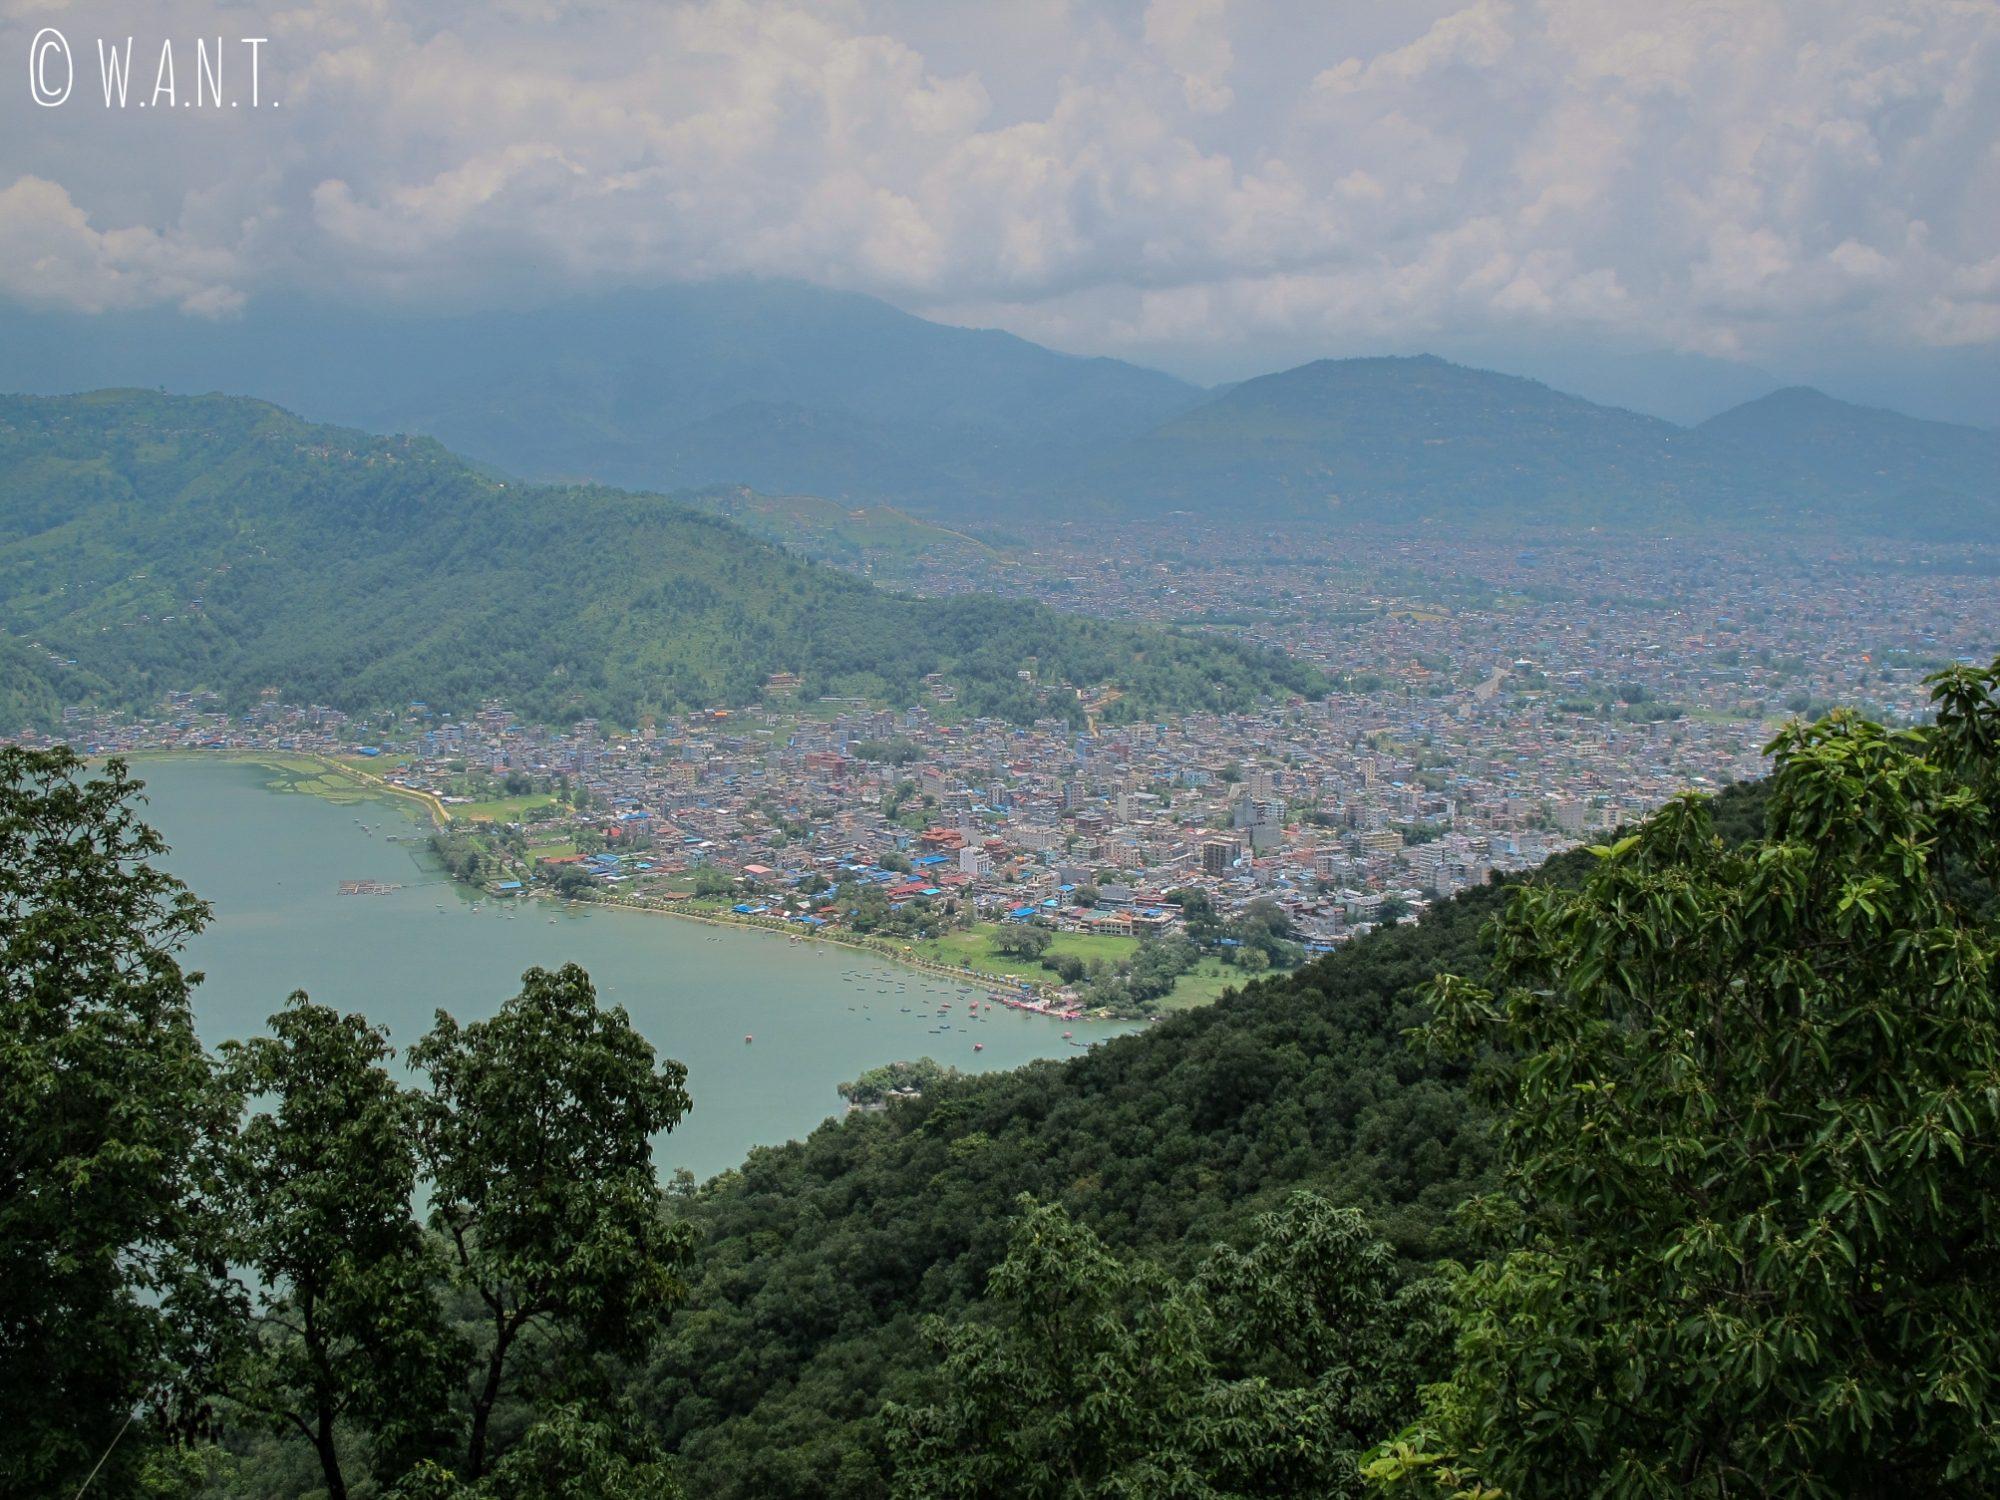 Vue sur la ville de Pokhara depuis le chemin menant à la World Peace Pagoda